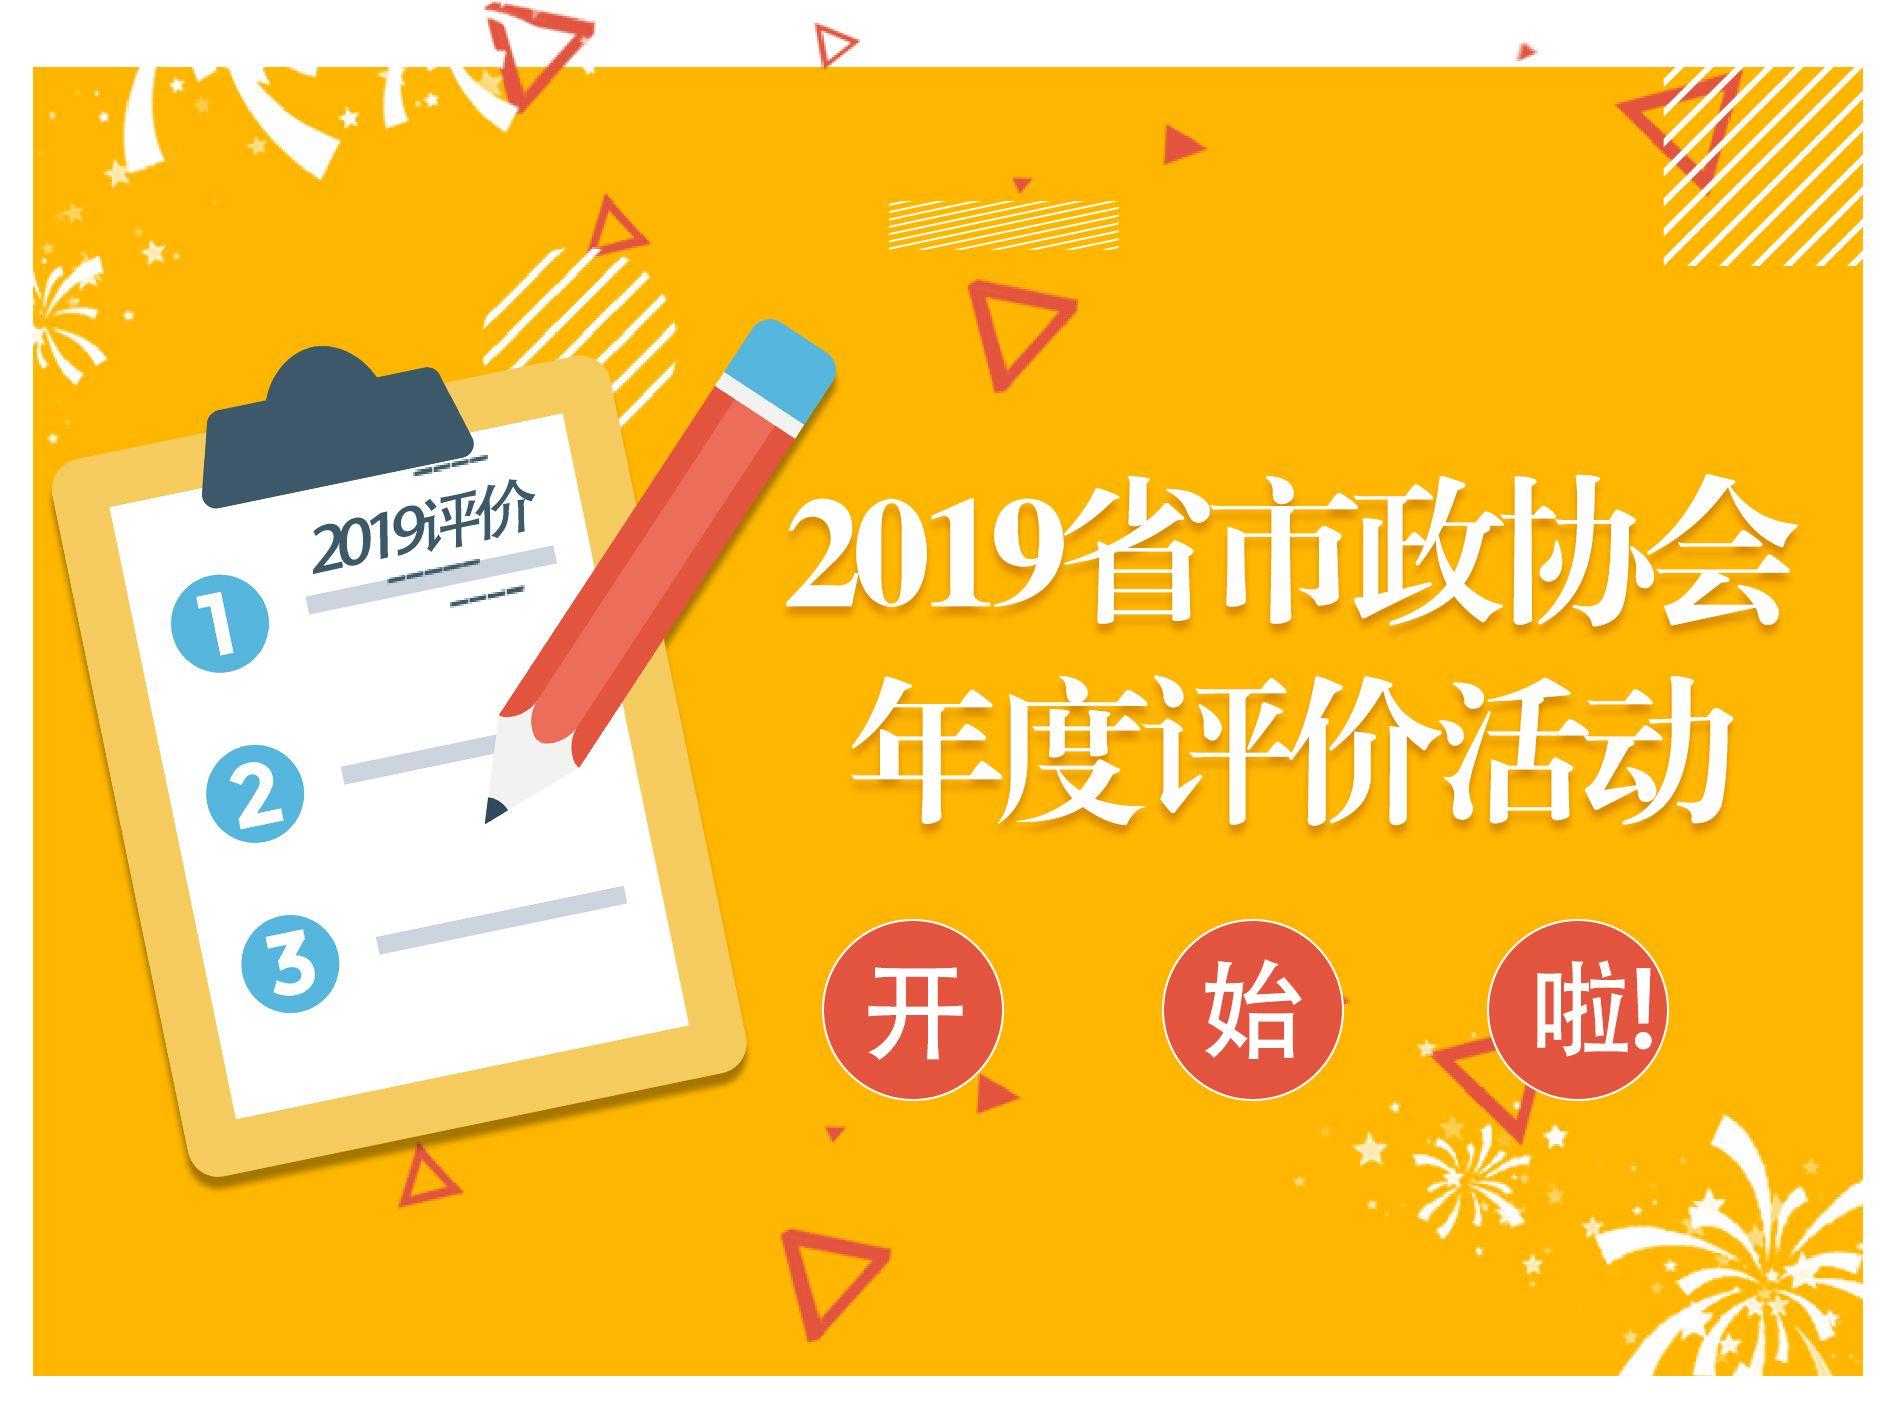 关于申报2019年度评审活动